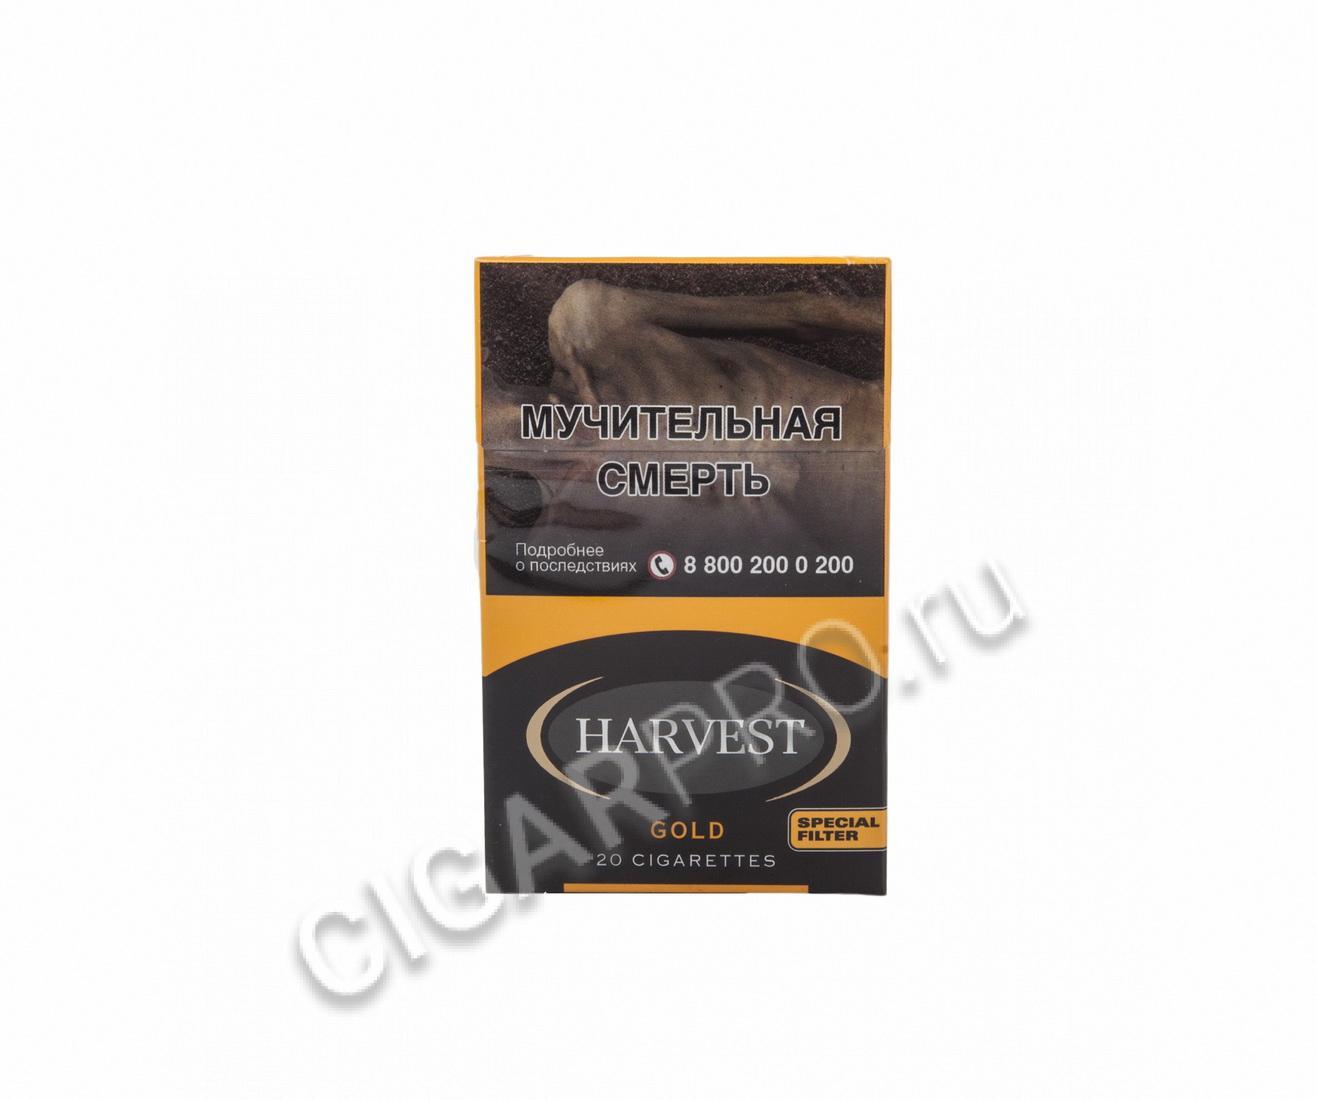 сигареты харвест где можно купить